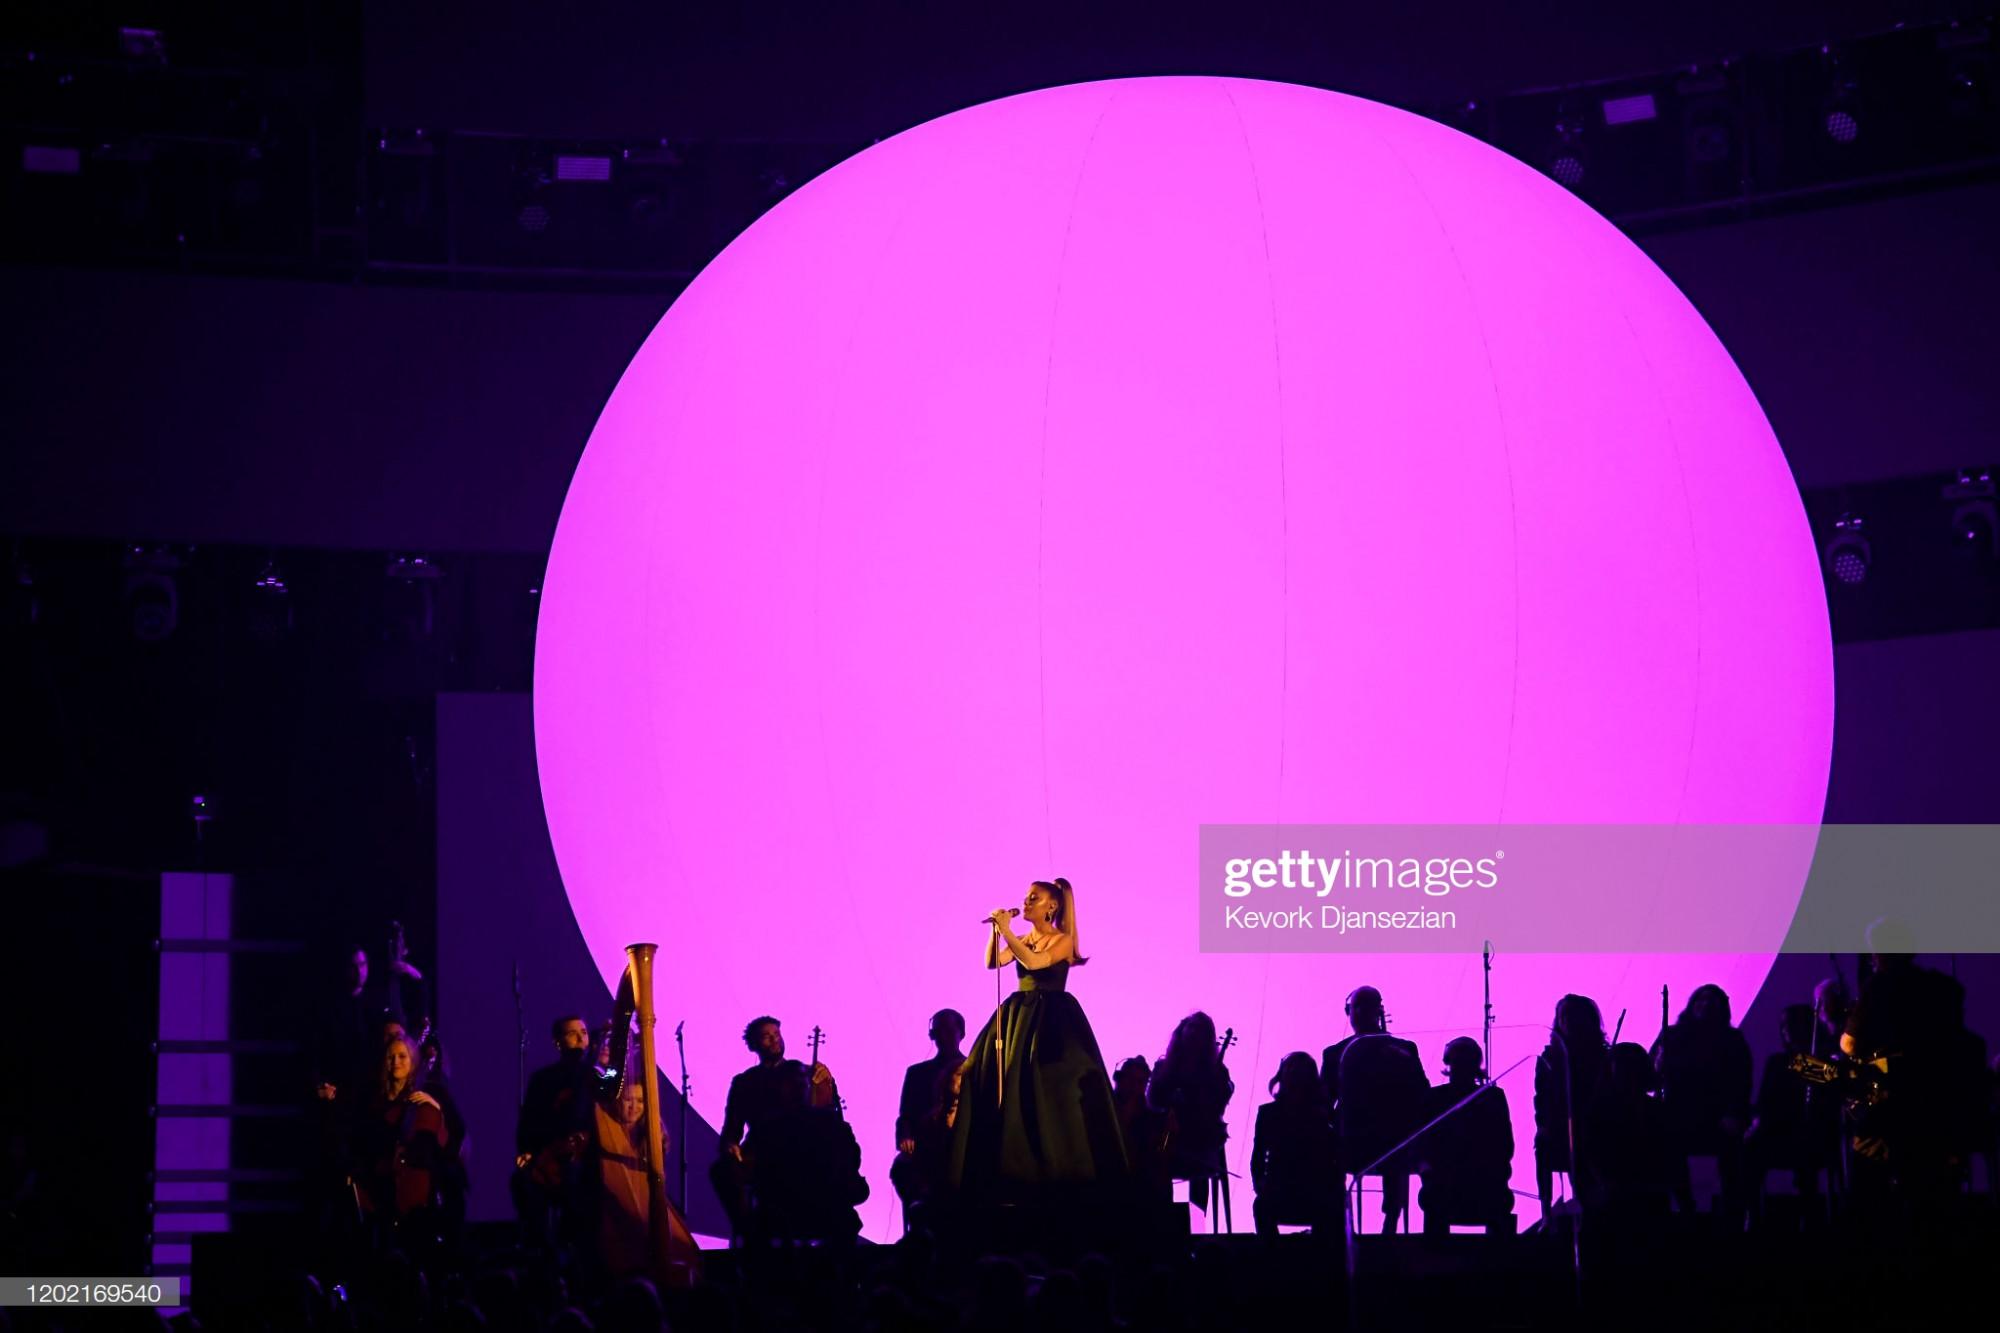 Sân khấu trong tiết mục của Ariana Grande